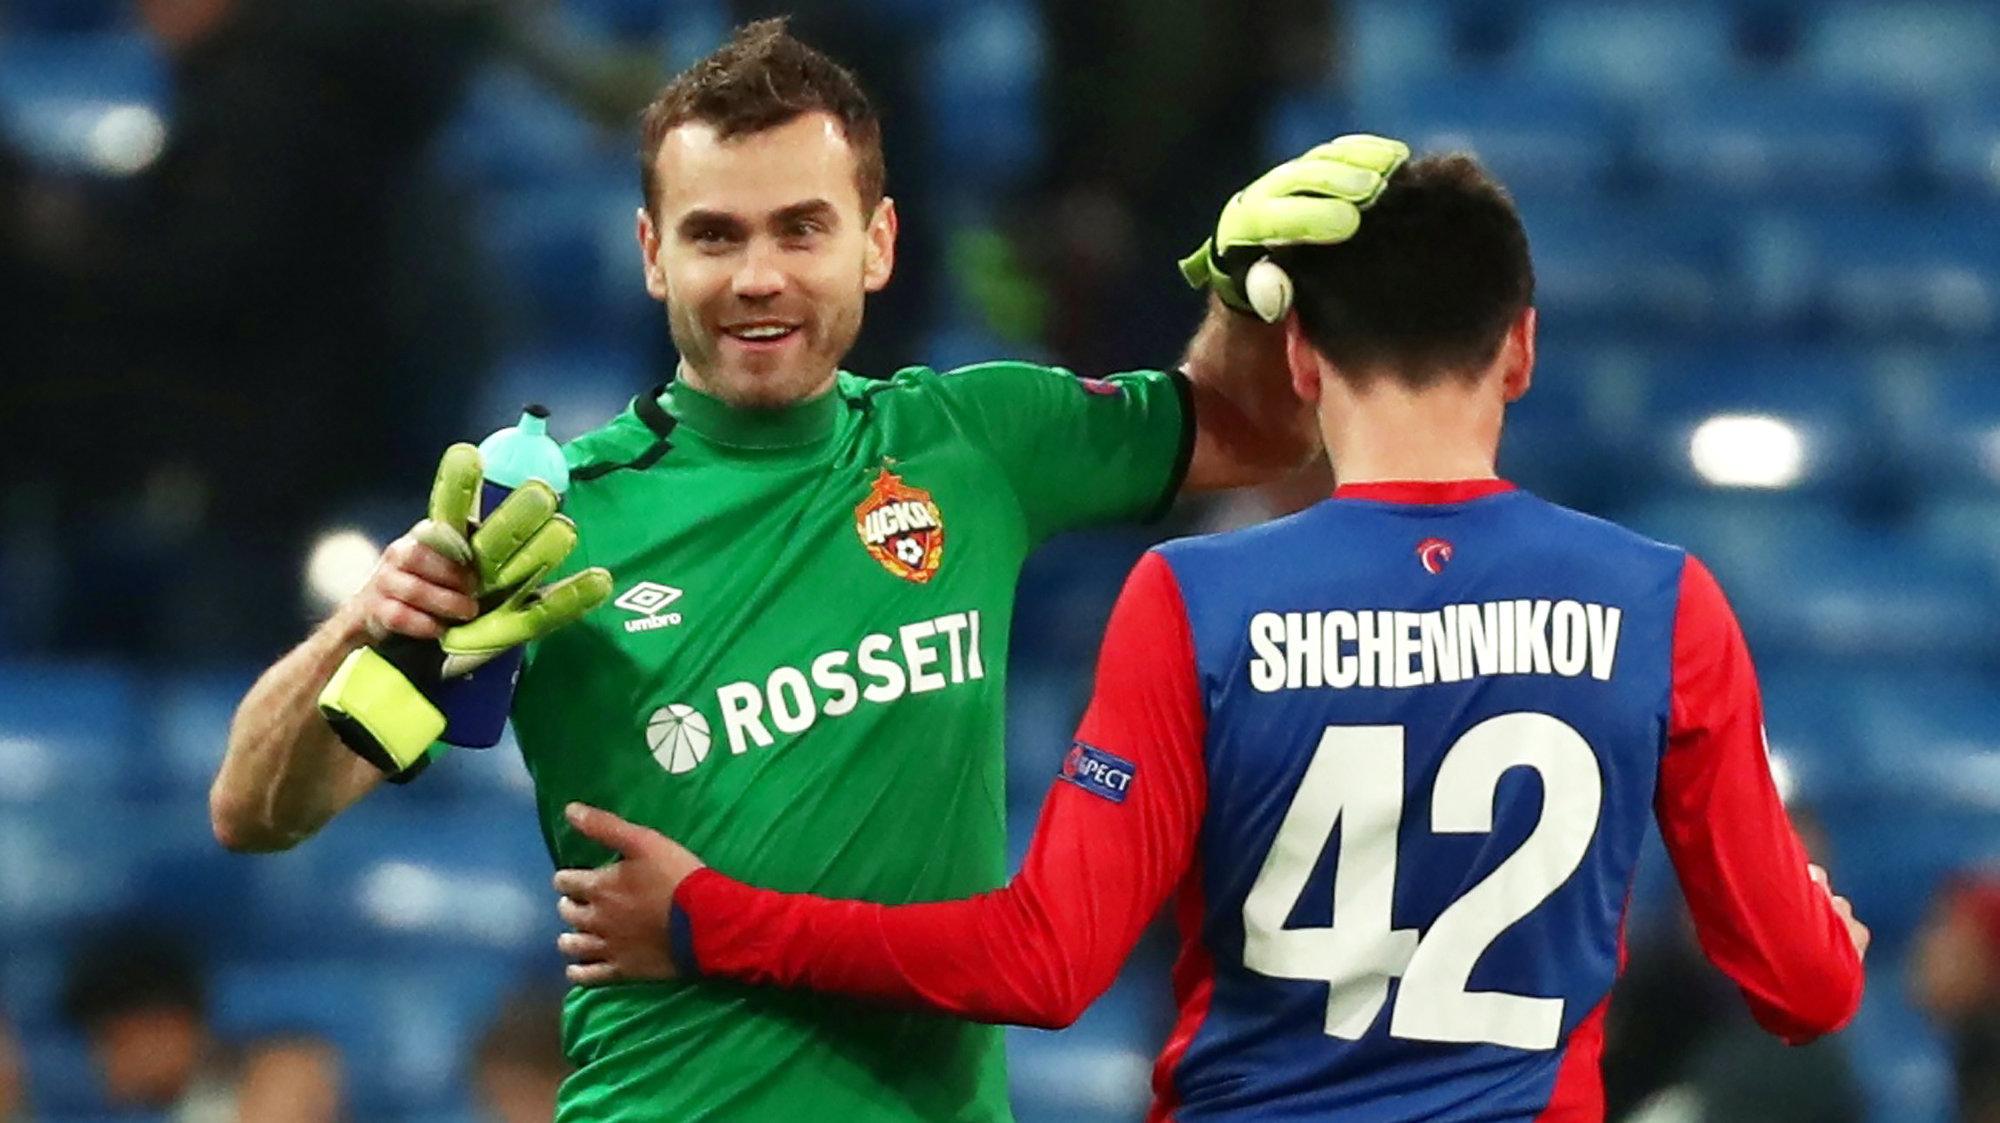 Щенников составил свою команду мечты